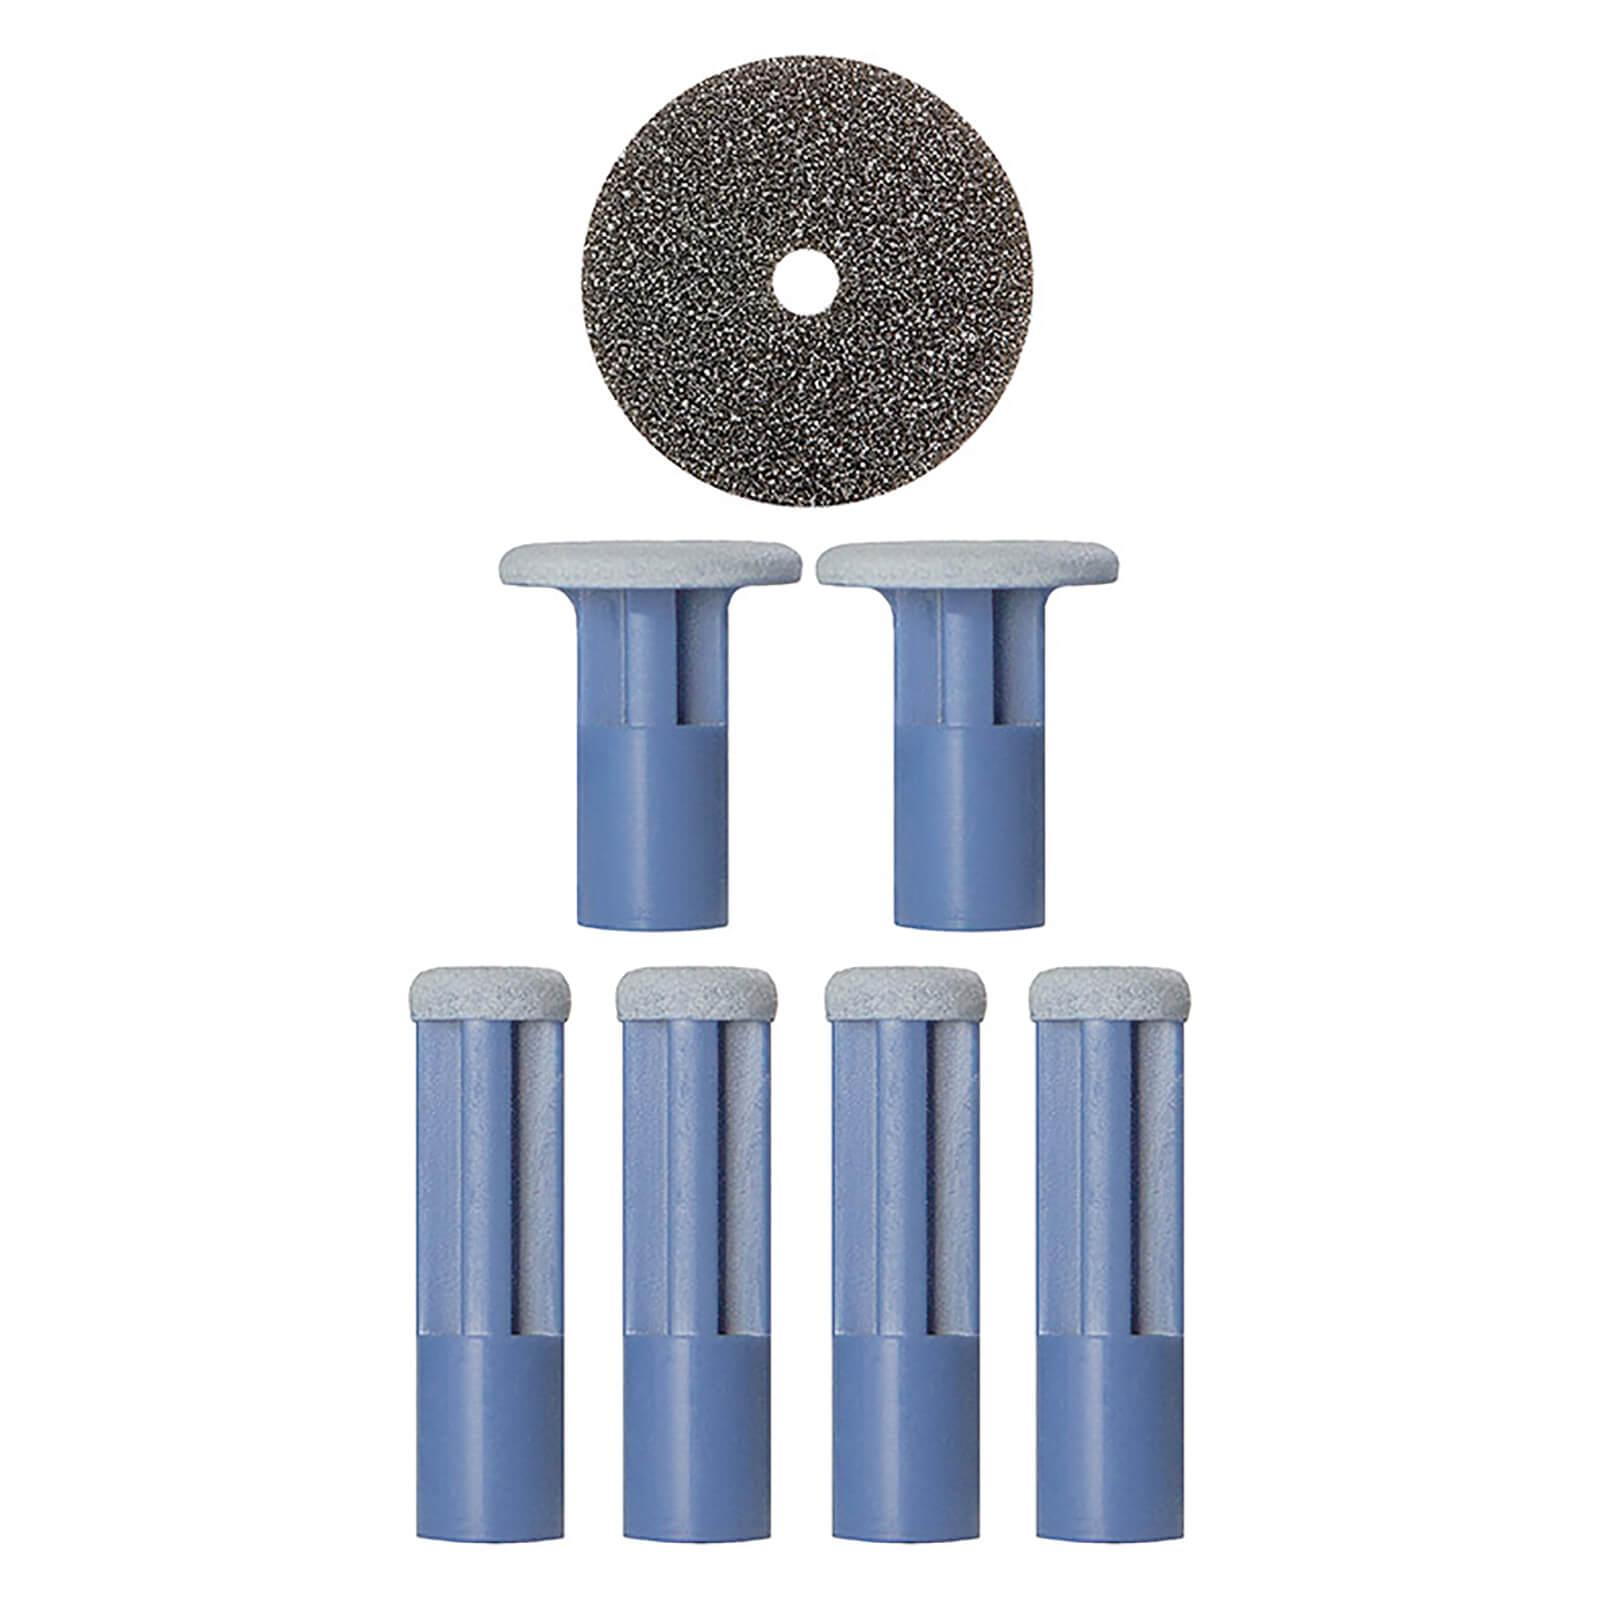 Купить Синие сменные диски PMD Mixed Blue Replacement Discs - 6 шт. в упаковке